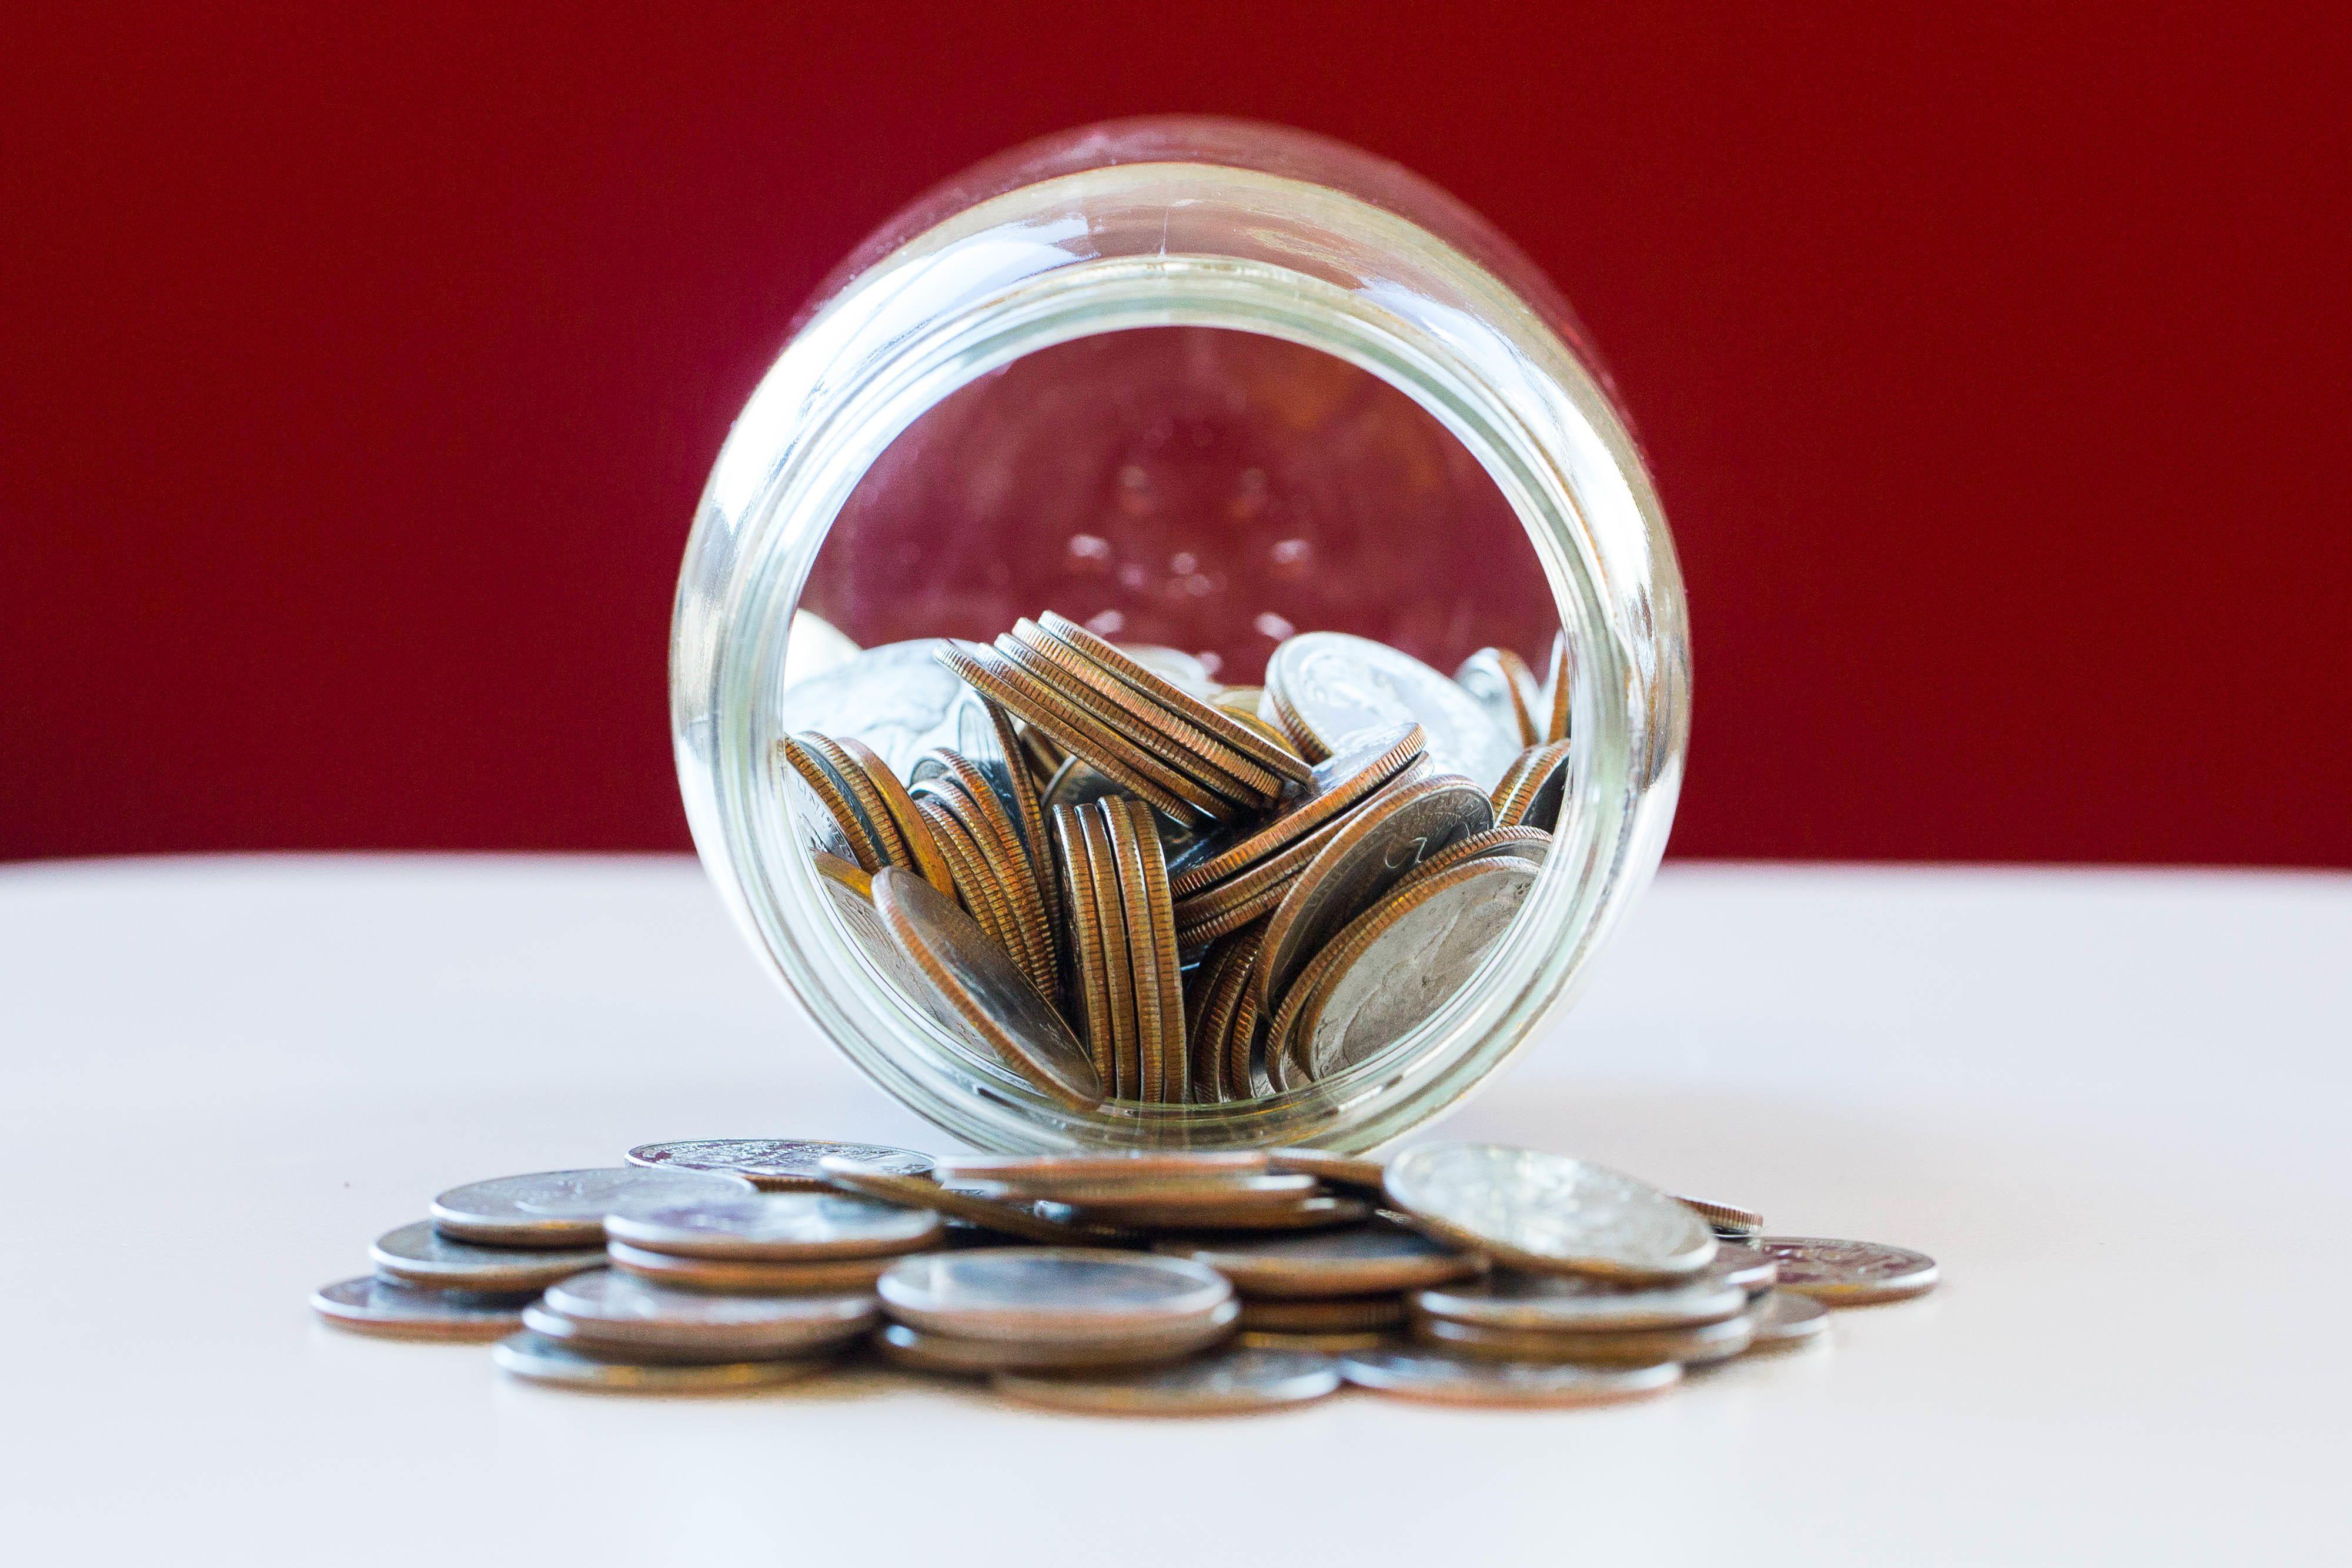 coins-money-4